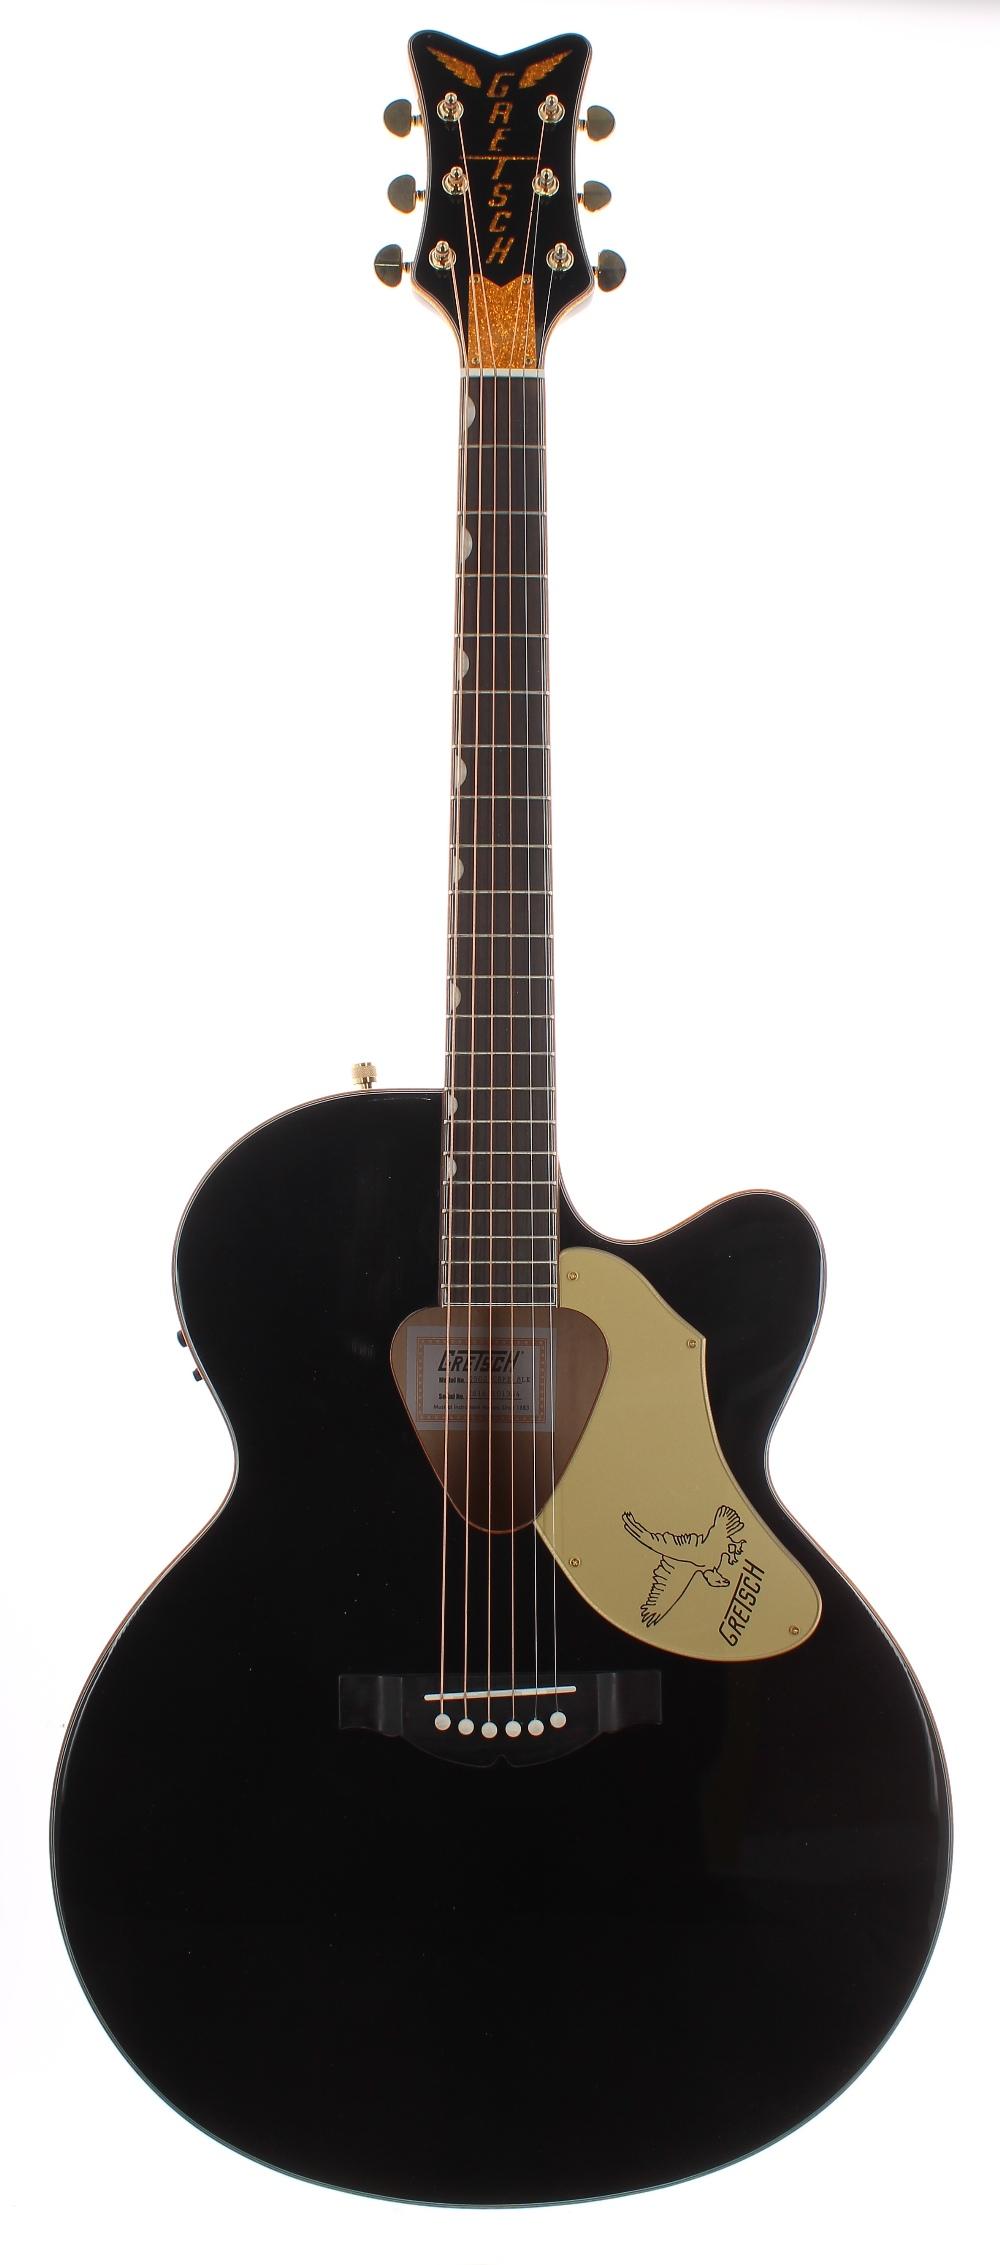 2016 Gretsch G5022 CBE Rancher Falcon electro-acoustic guitar, made in Indonesia, ser. no.